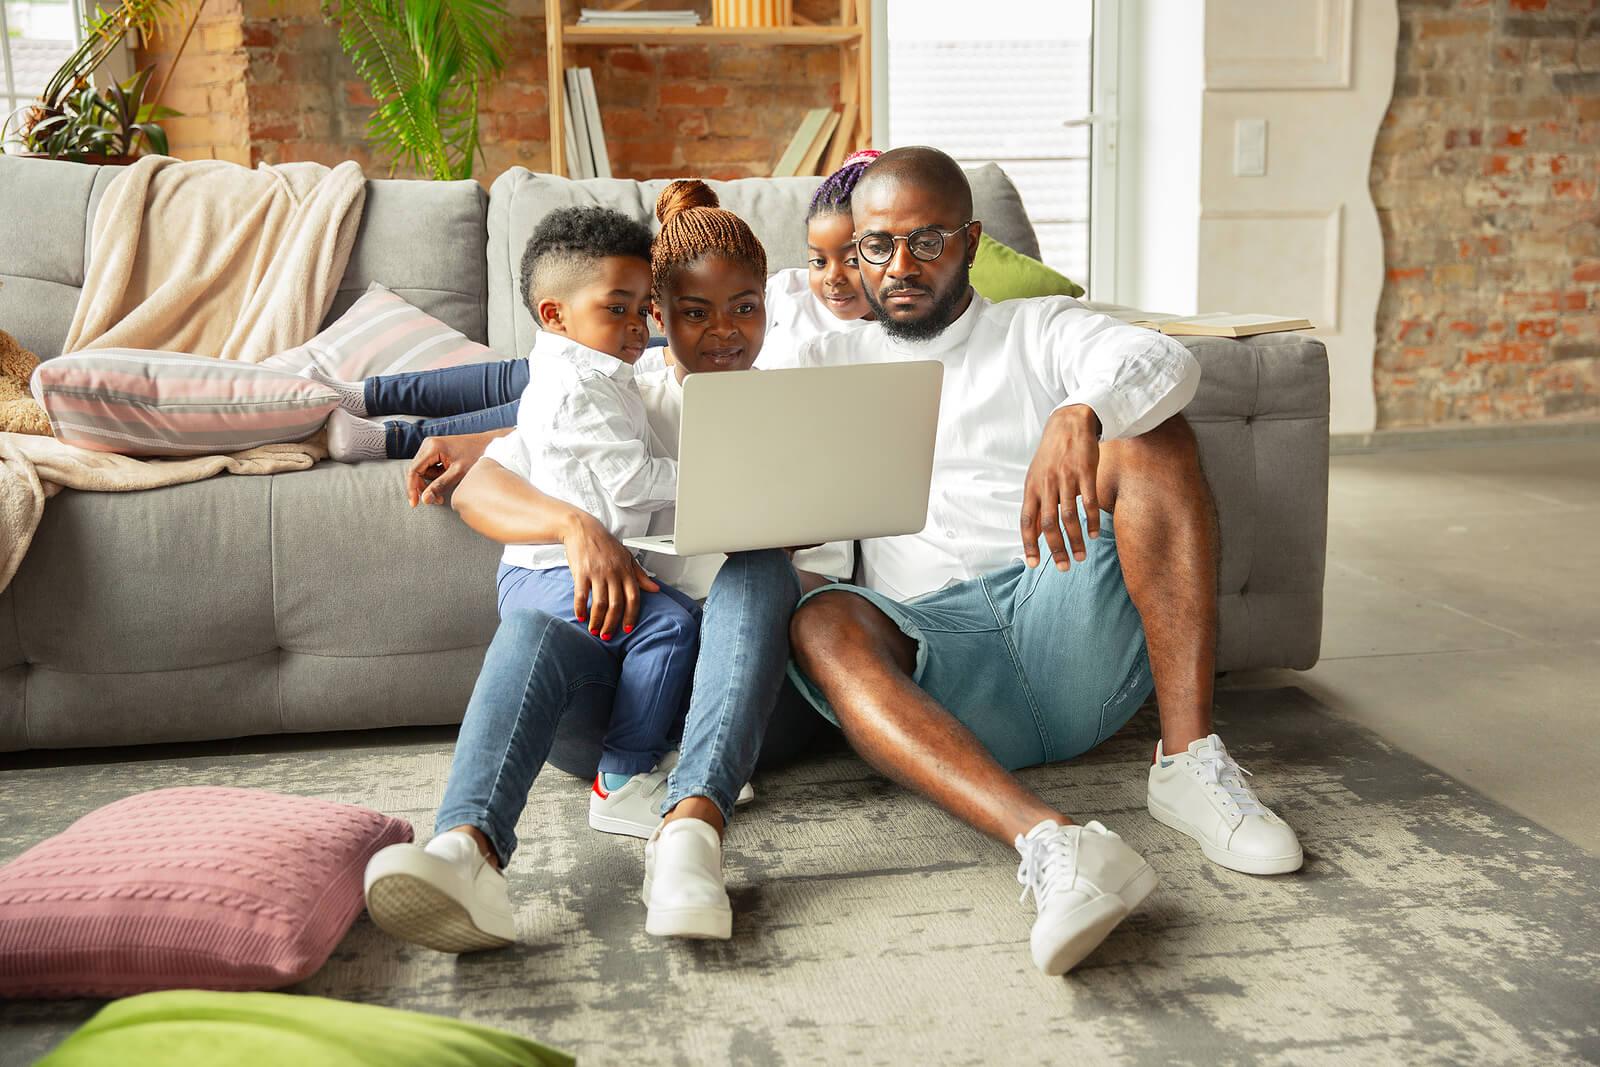 Familia creando intimidad emocional con sus hijos.